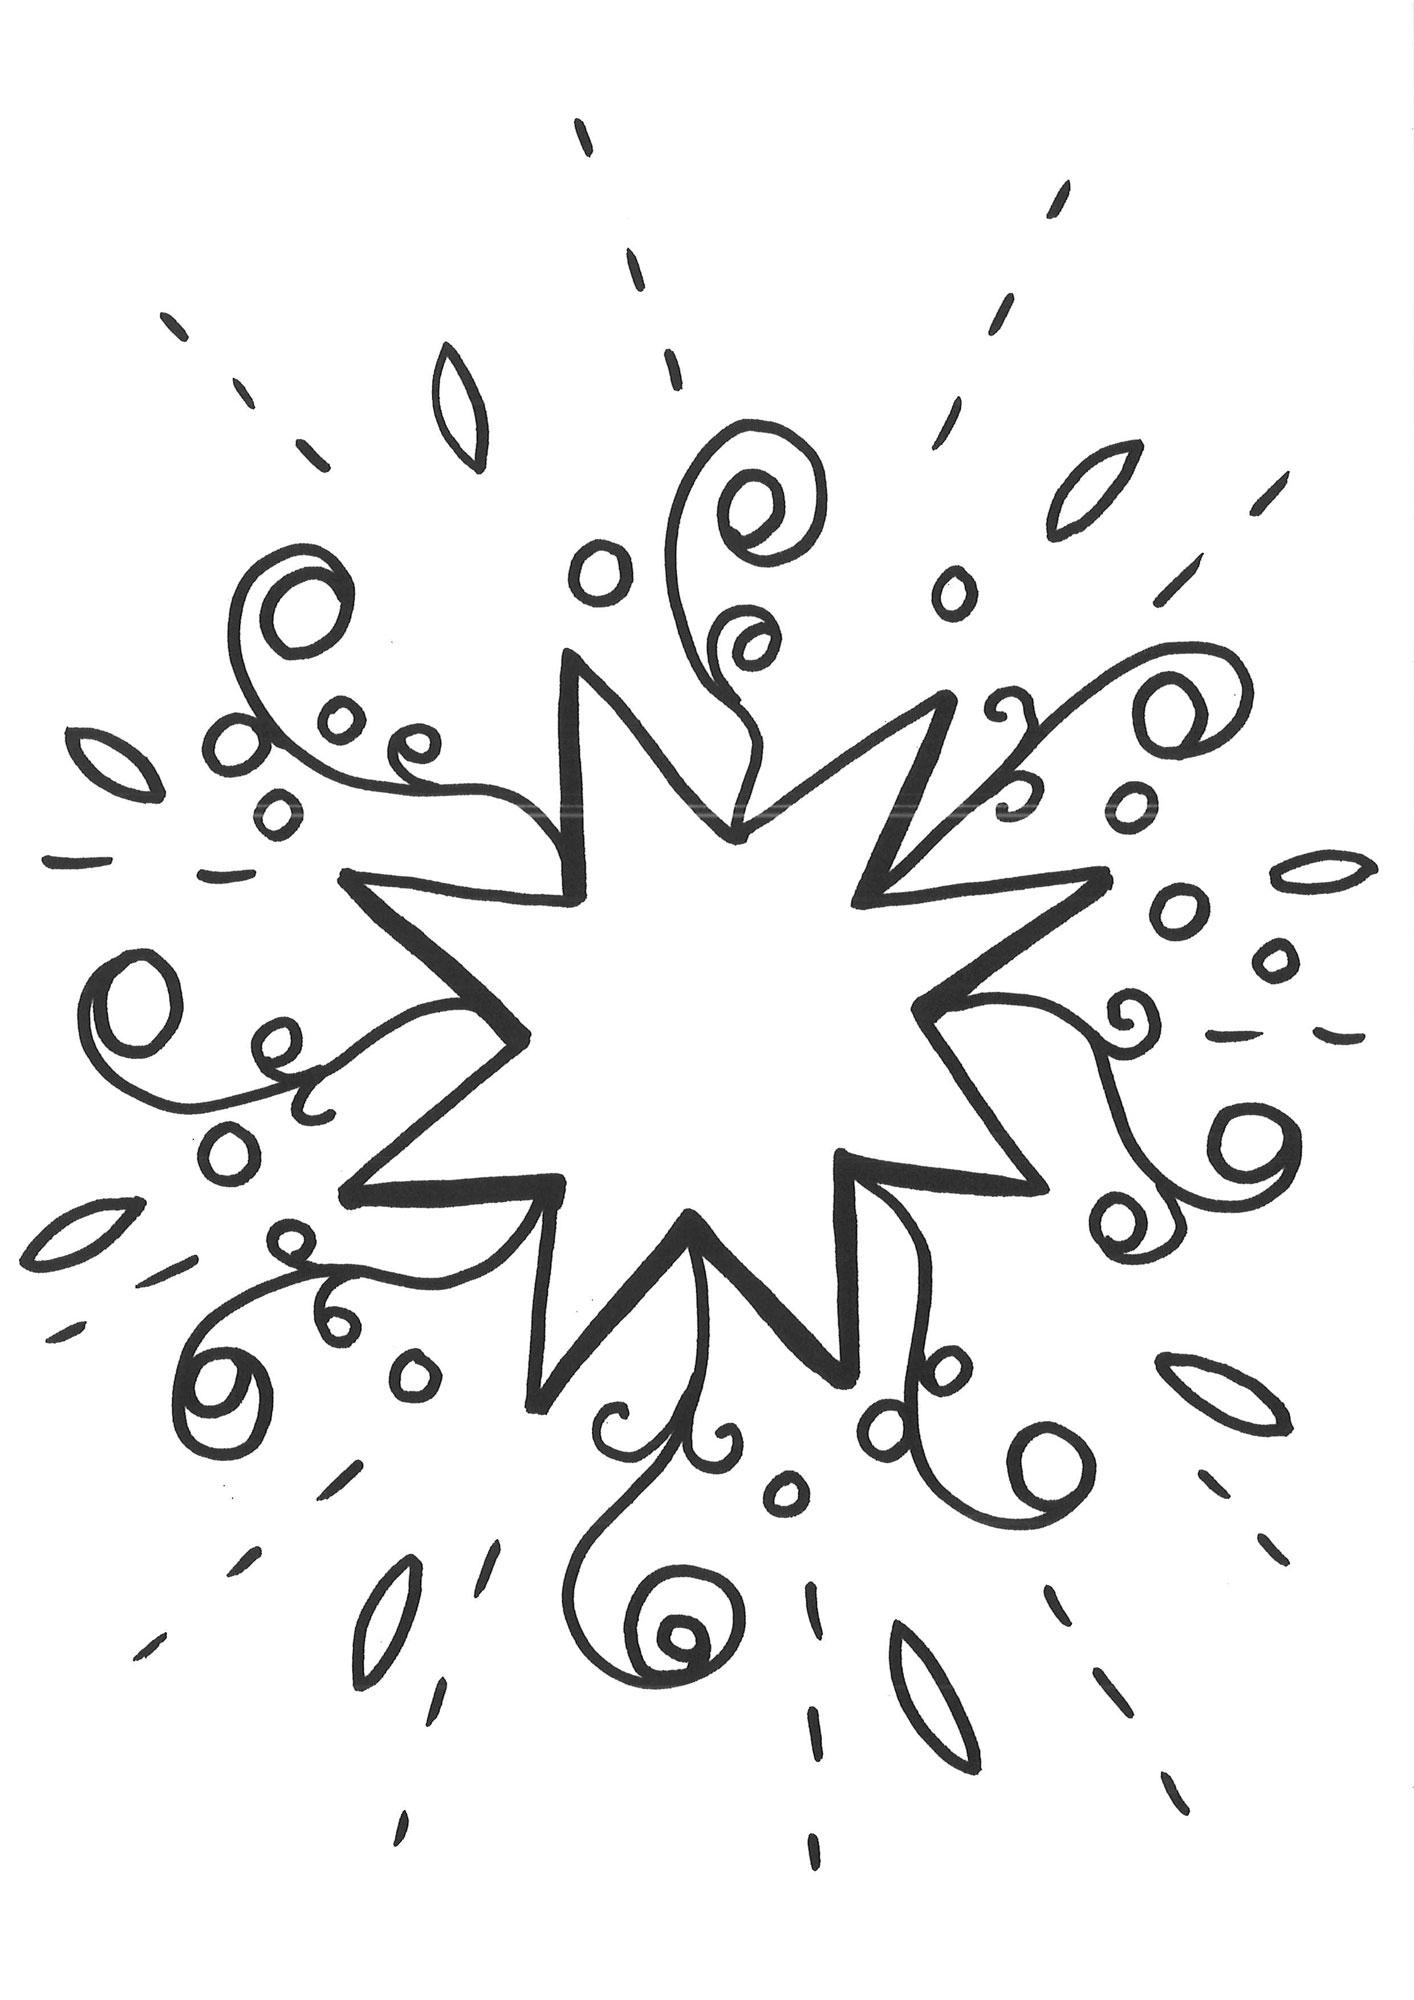 10 Beste Ausmalbilder Stern Kostenlos Zum Ausdrucken mit Malvorlage Stern Groß